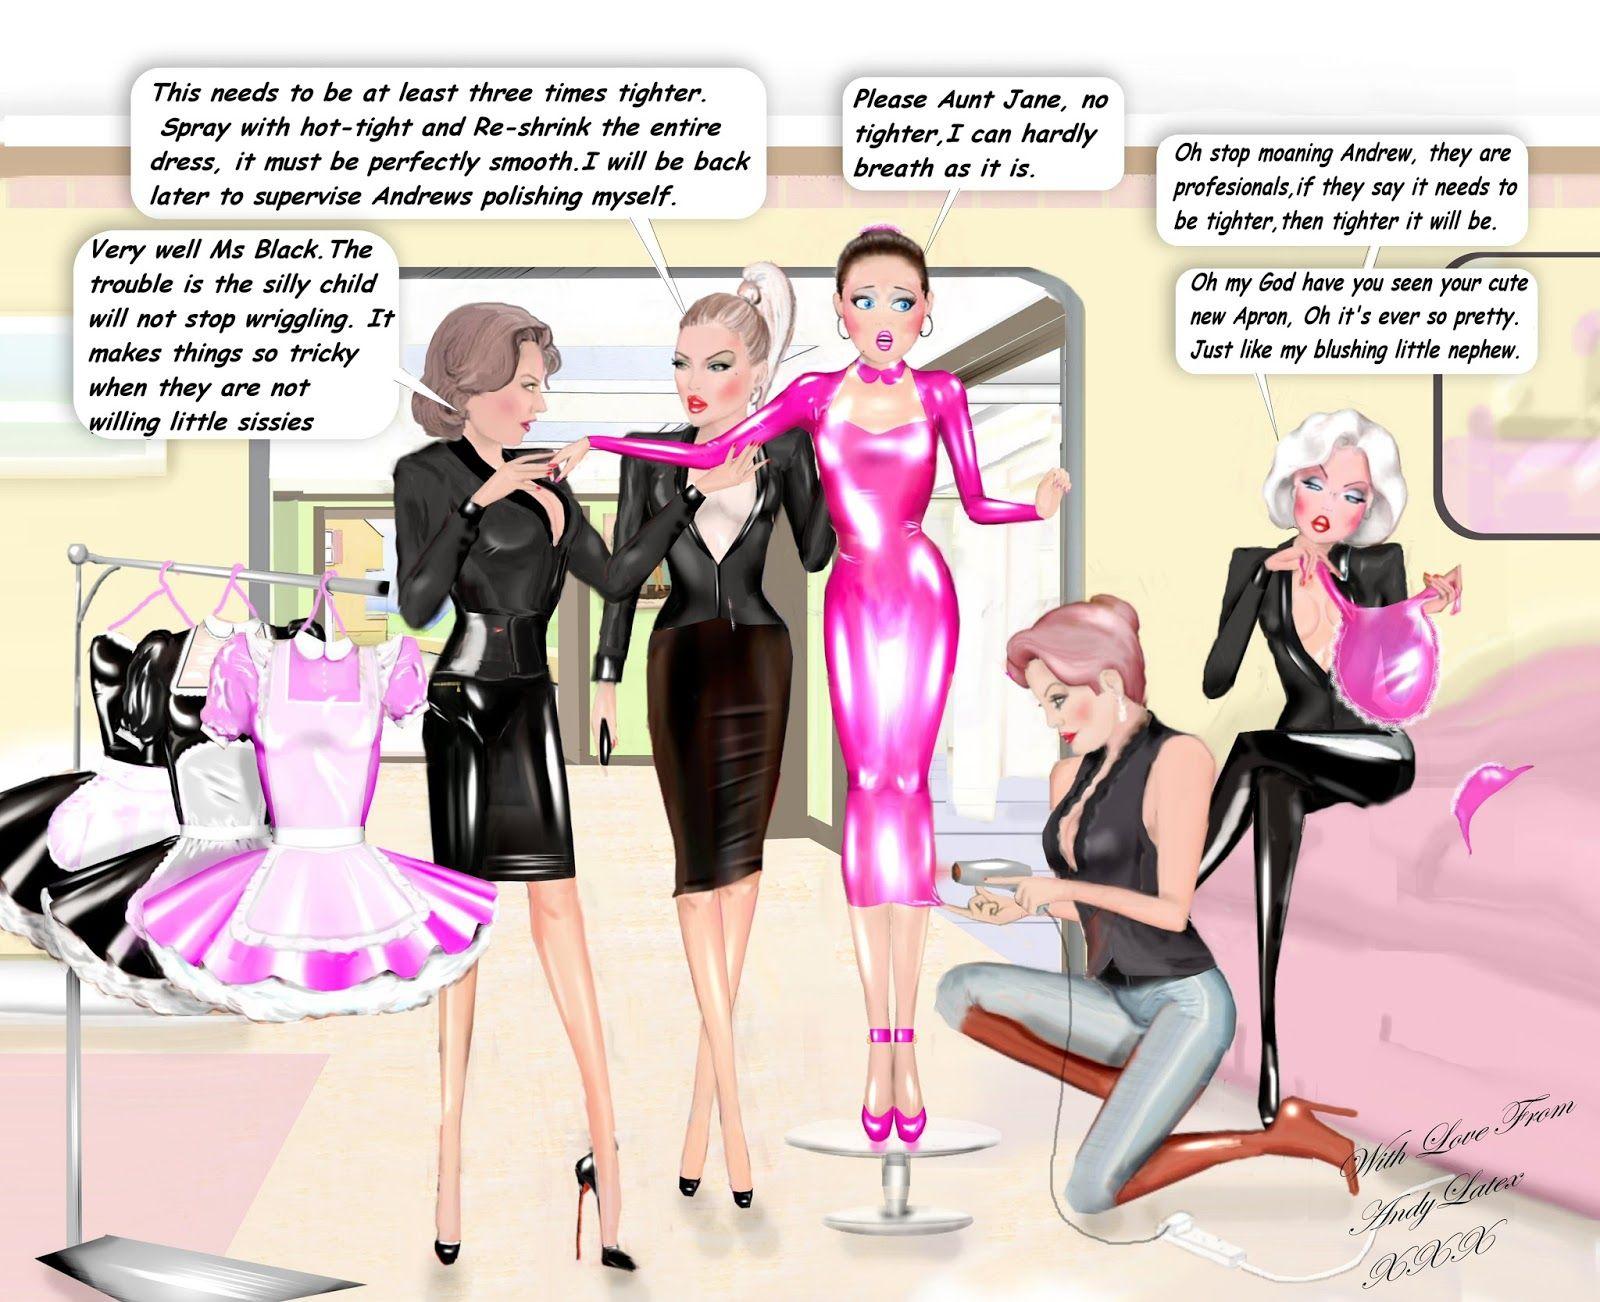 Tg sissy girl dating art